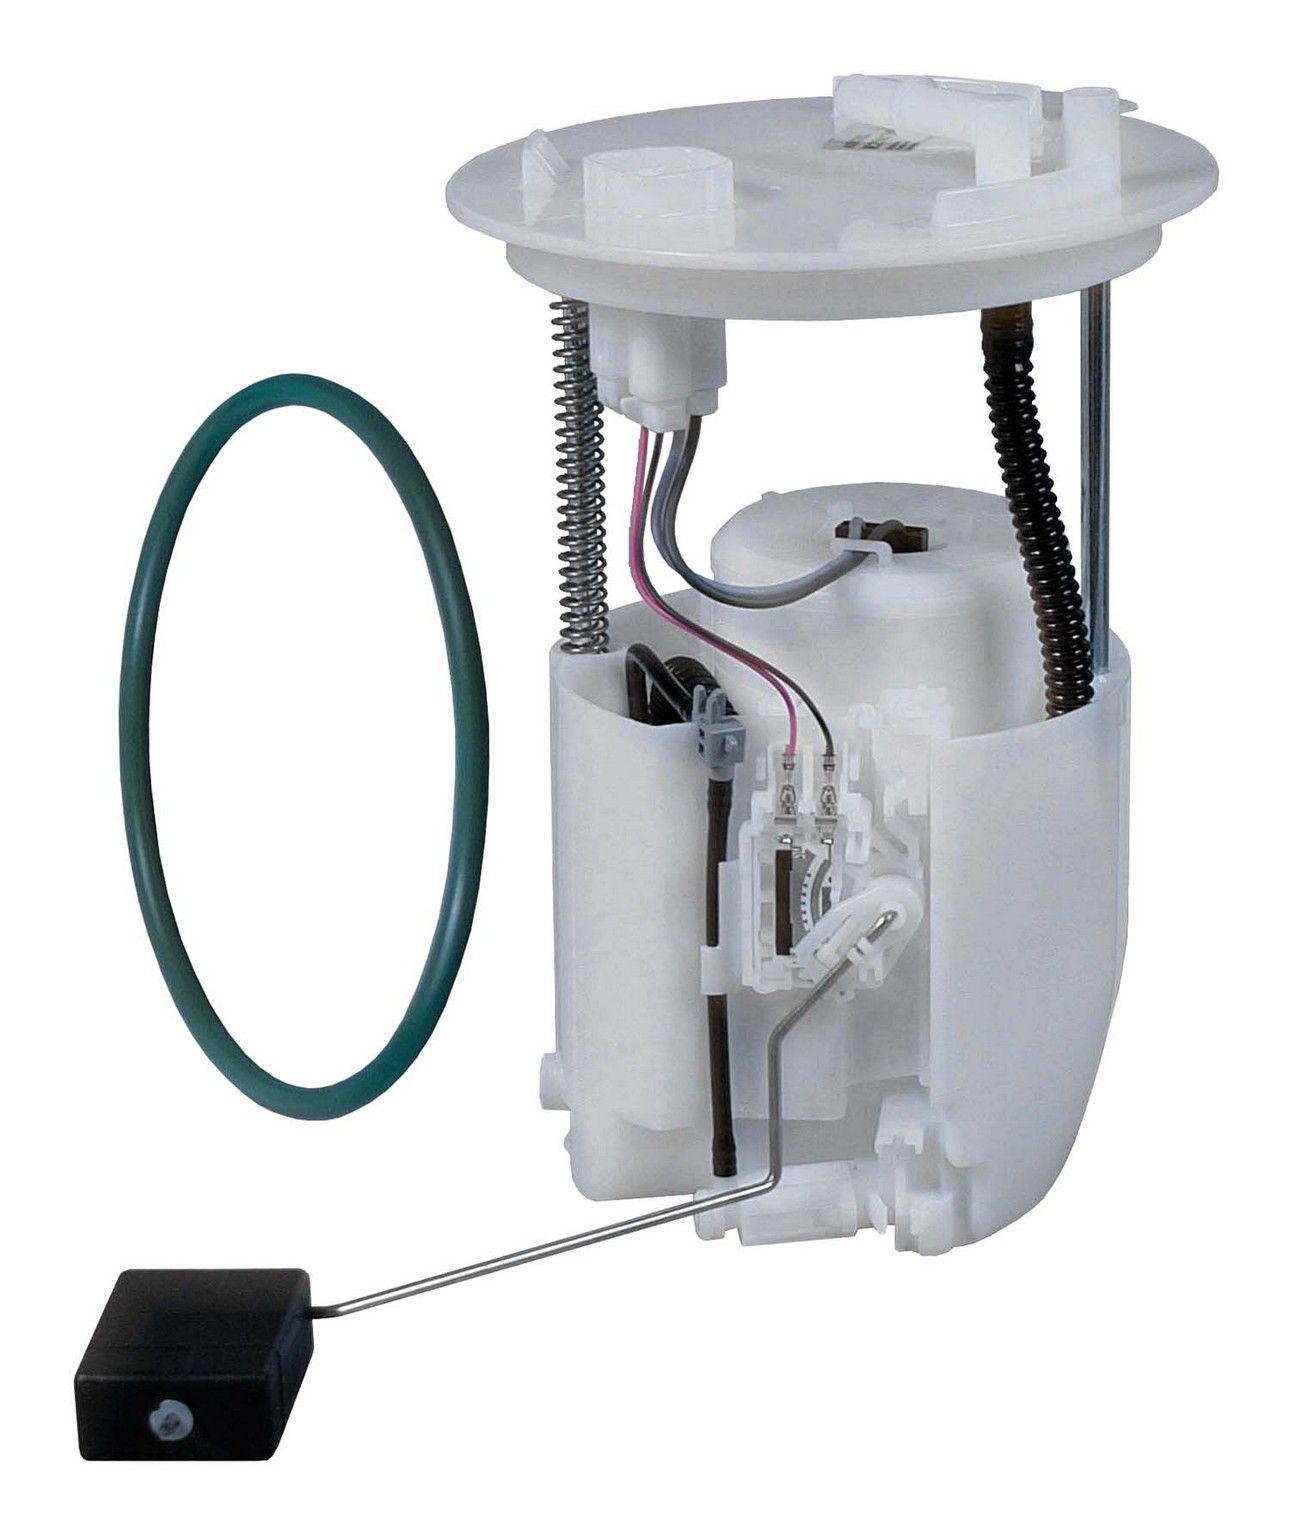 2010 Mercury Milan Fuel Pump Module Assembly - N/A 4 Cyl 2.5L (Airtex  E2561M) Includes Fuel Pump, Fuel Pressure Regulator, Sending Unit, Float,  ...